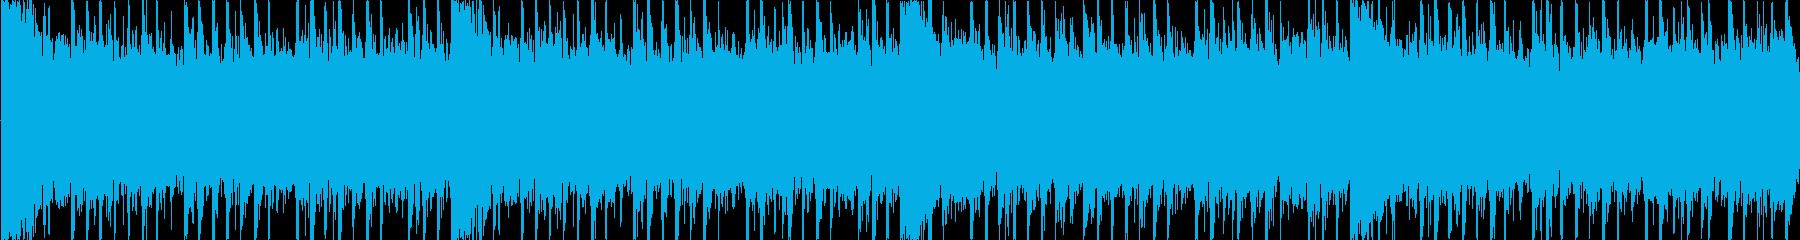 ロックサウンド系のループ曲ですの再生済みの波形